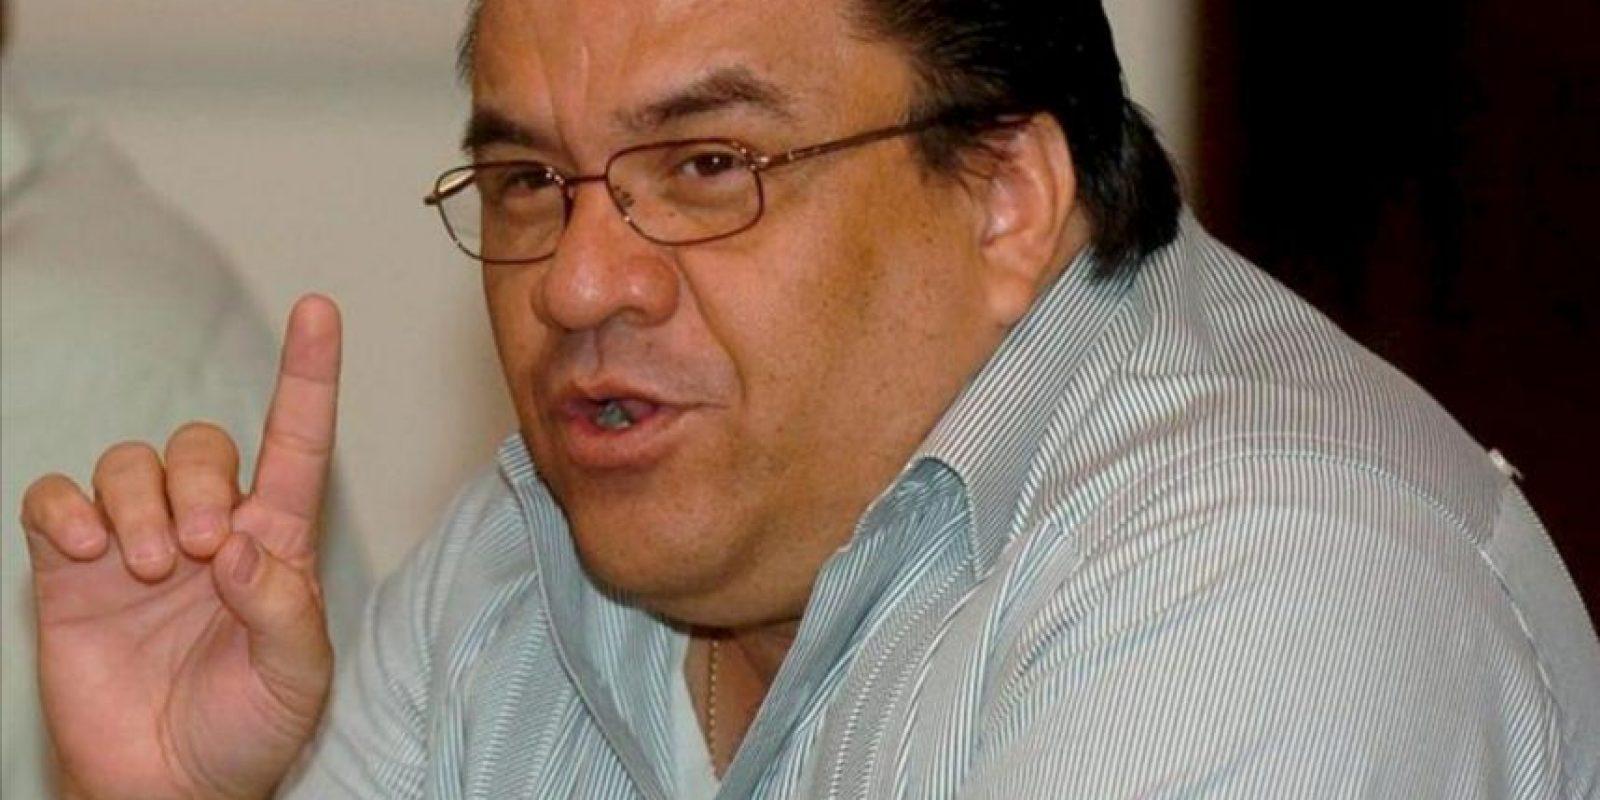 """Arturo Corrales, canciller de Honduras, dijo que """"en la SICA no hay consenso"""" sobre políticas antidrogas y se mostró confiado en que los presidentes puedan llegar al acuerdo que no lograron los cancilleres. EFE/Archivo"""